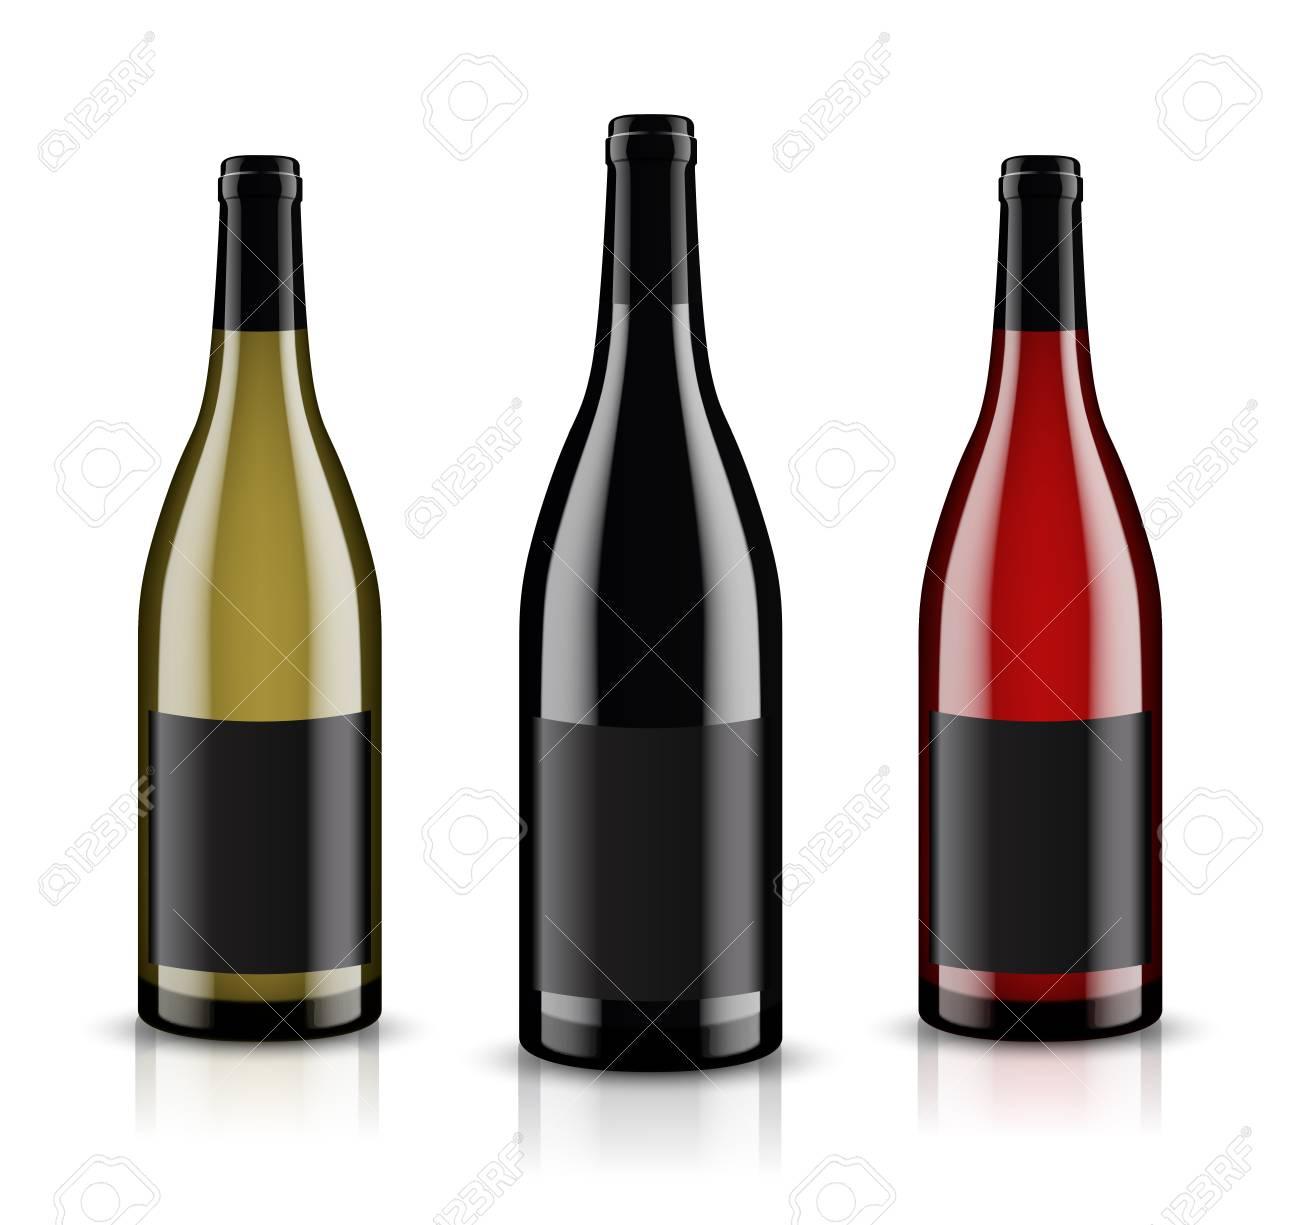 mockup wine bottle vector design royalty free cliparts vectors rh 123rf com wine bottle vector silhouette wine bottle vector image